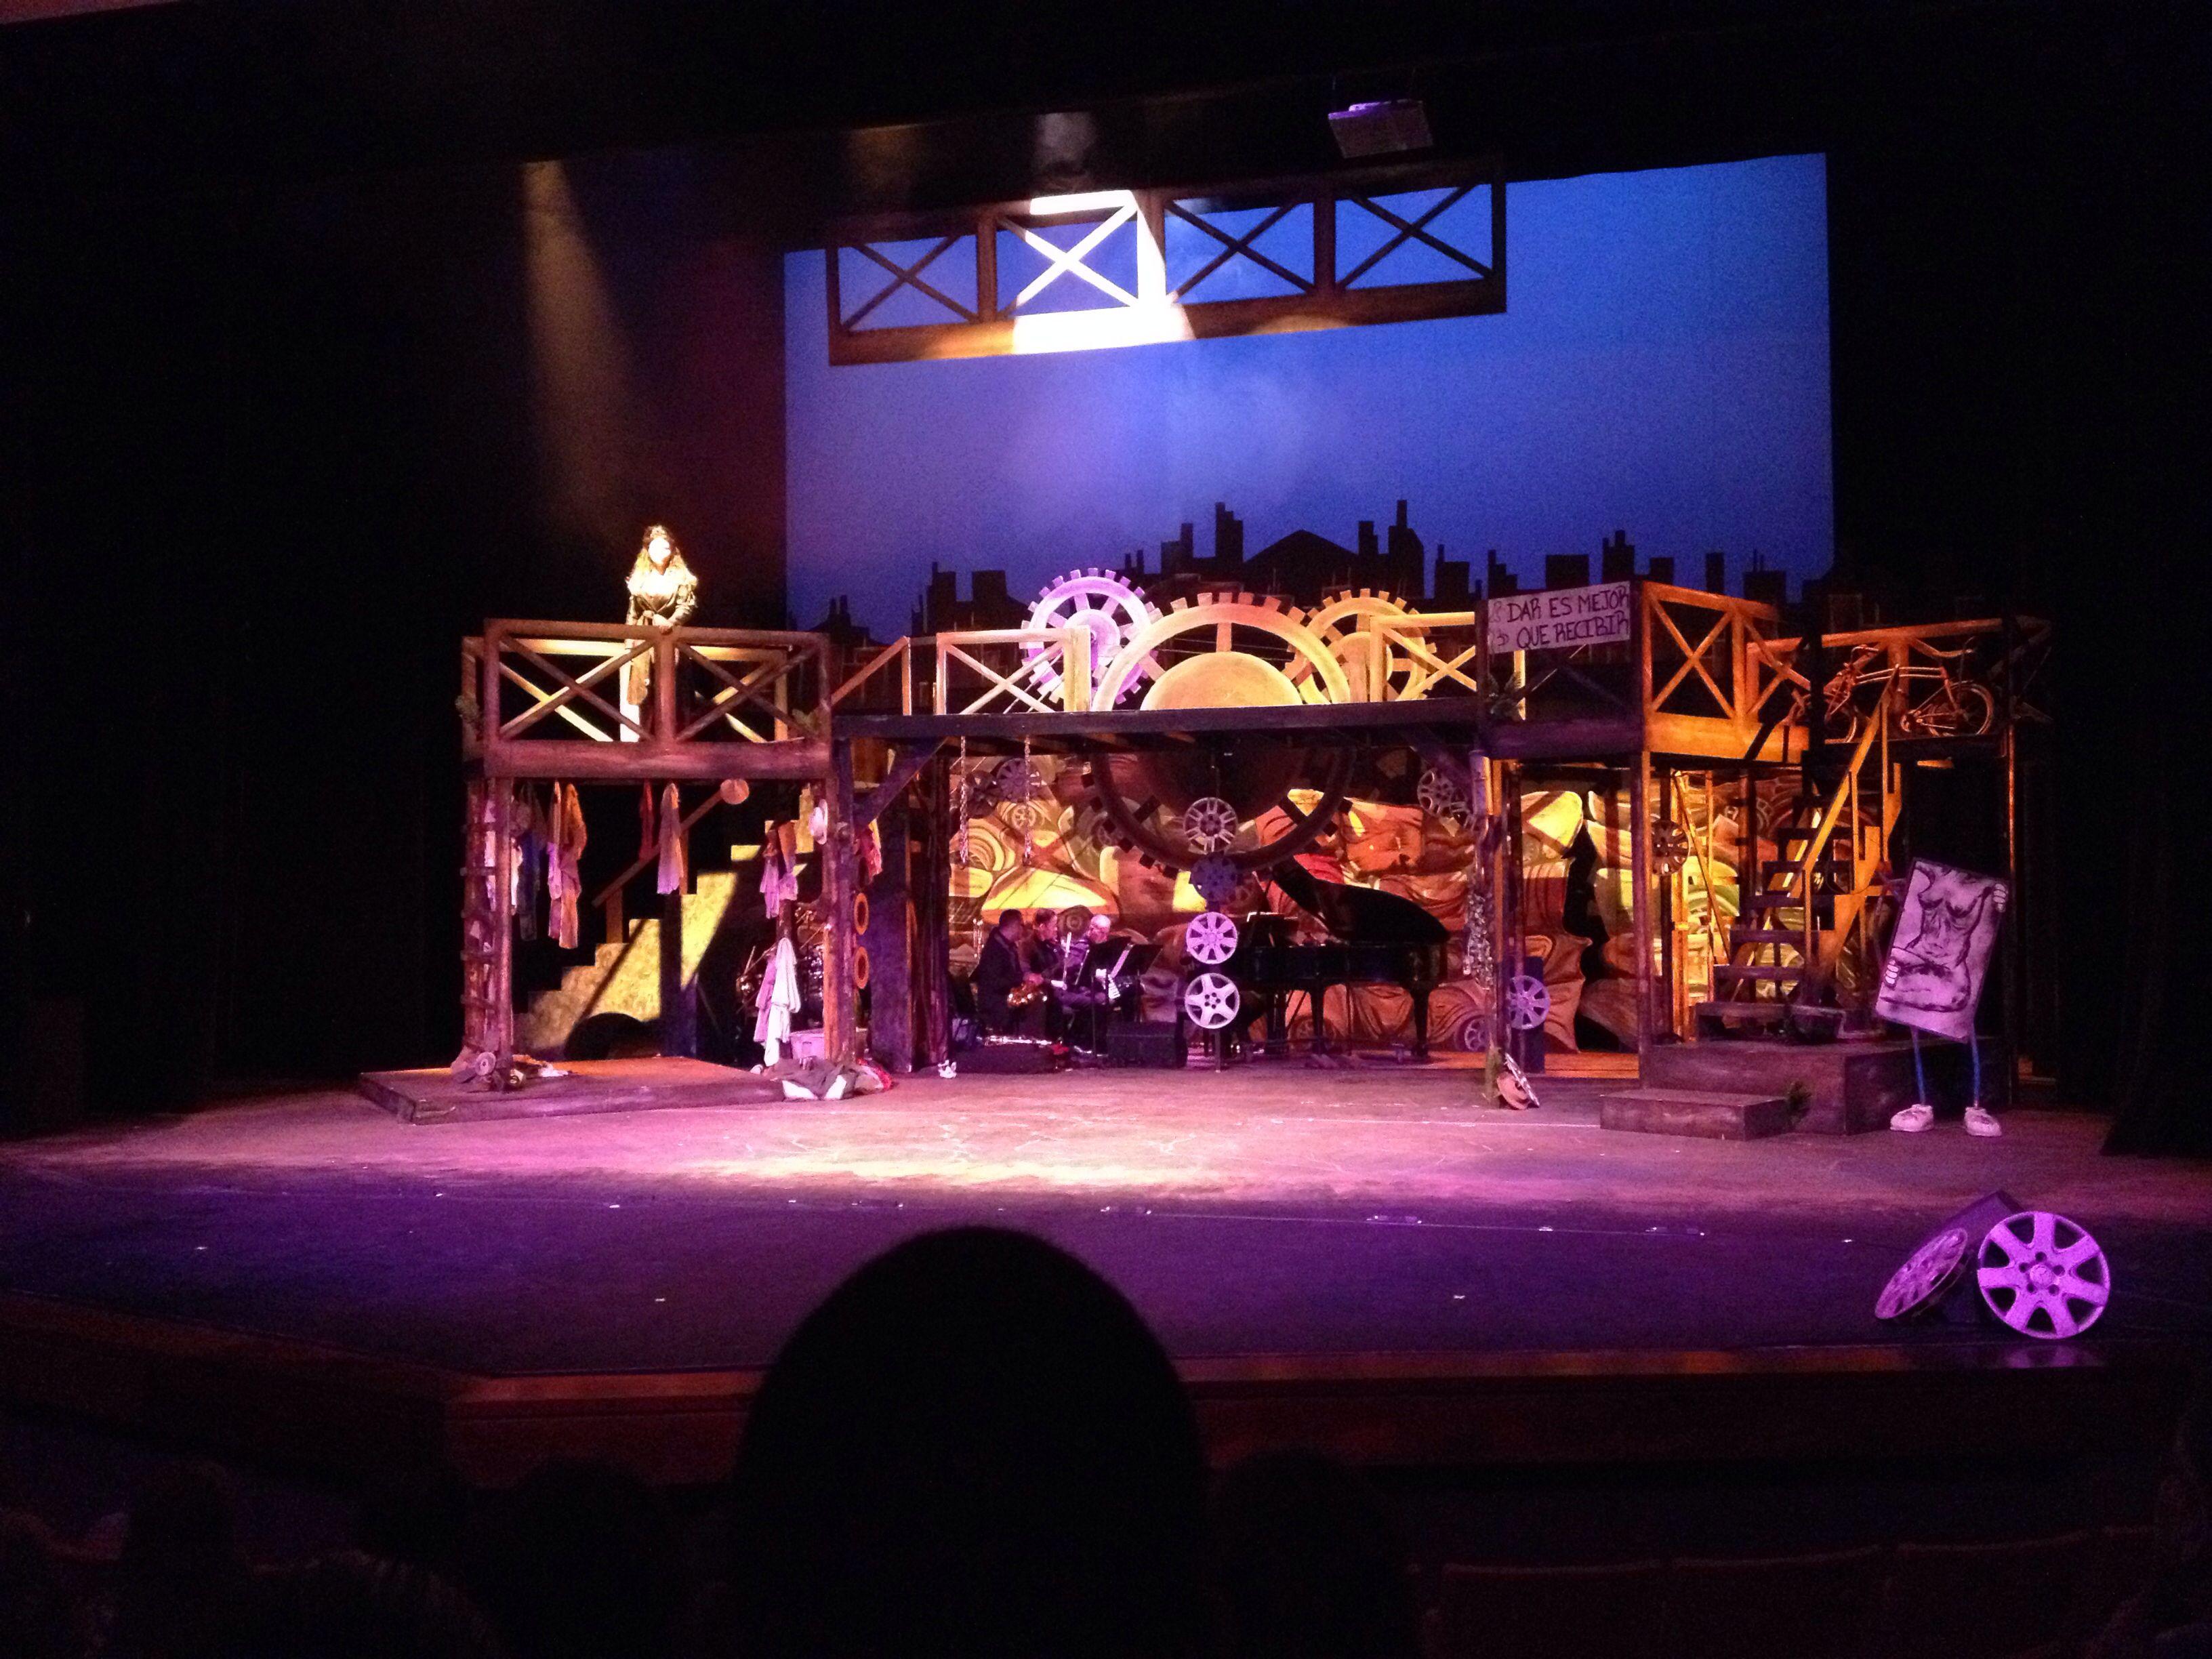 La ópera De Los Tres Centavos Beggar S Opera En El Centro De Bellas Artes En Santurce San Juan Puerto Rico La Opera De Los Tres Centavos ópera Bellas Artes